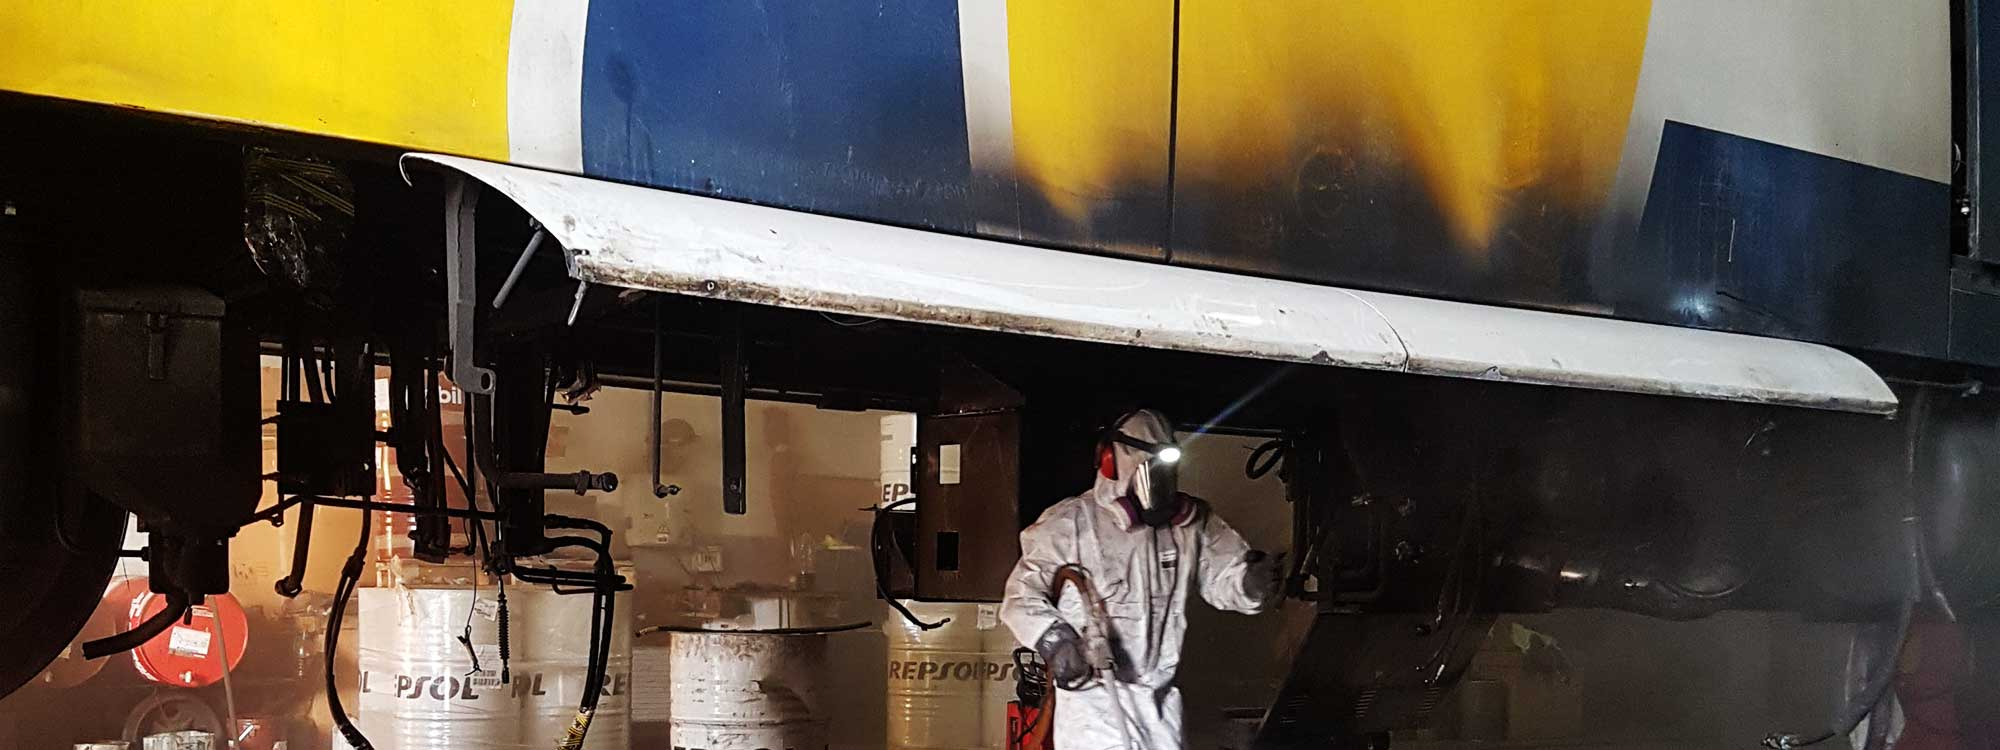 RENFE: Reparación unidad 529-003 Limpieza criogenica